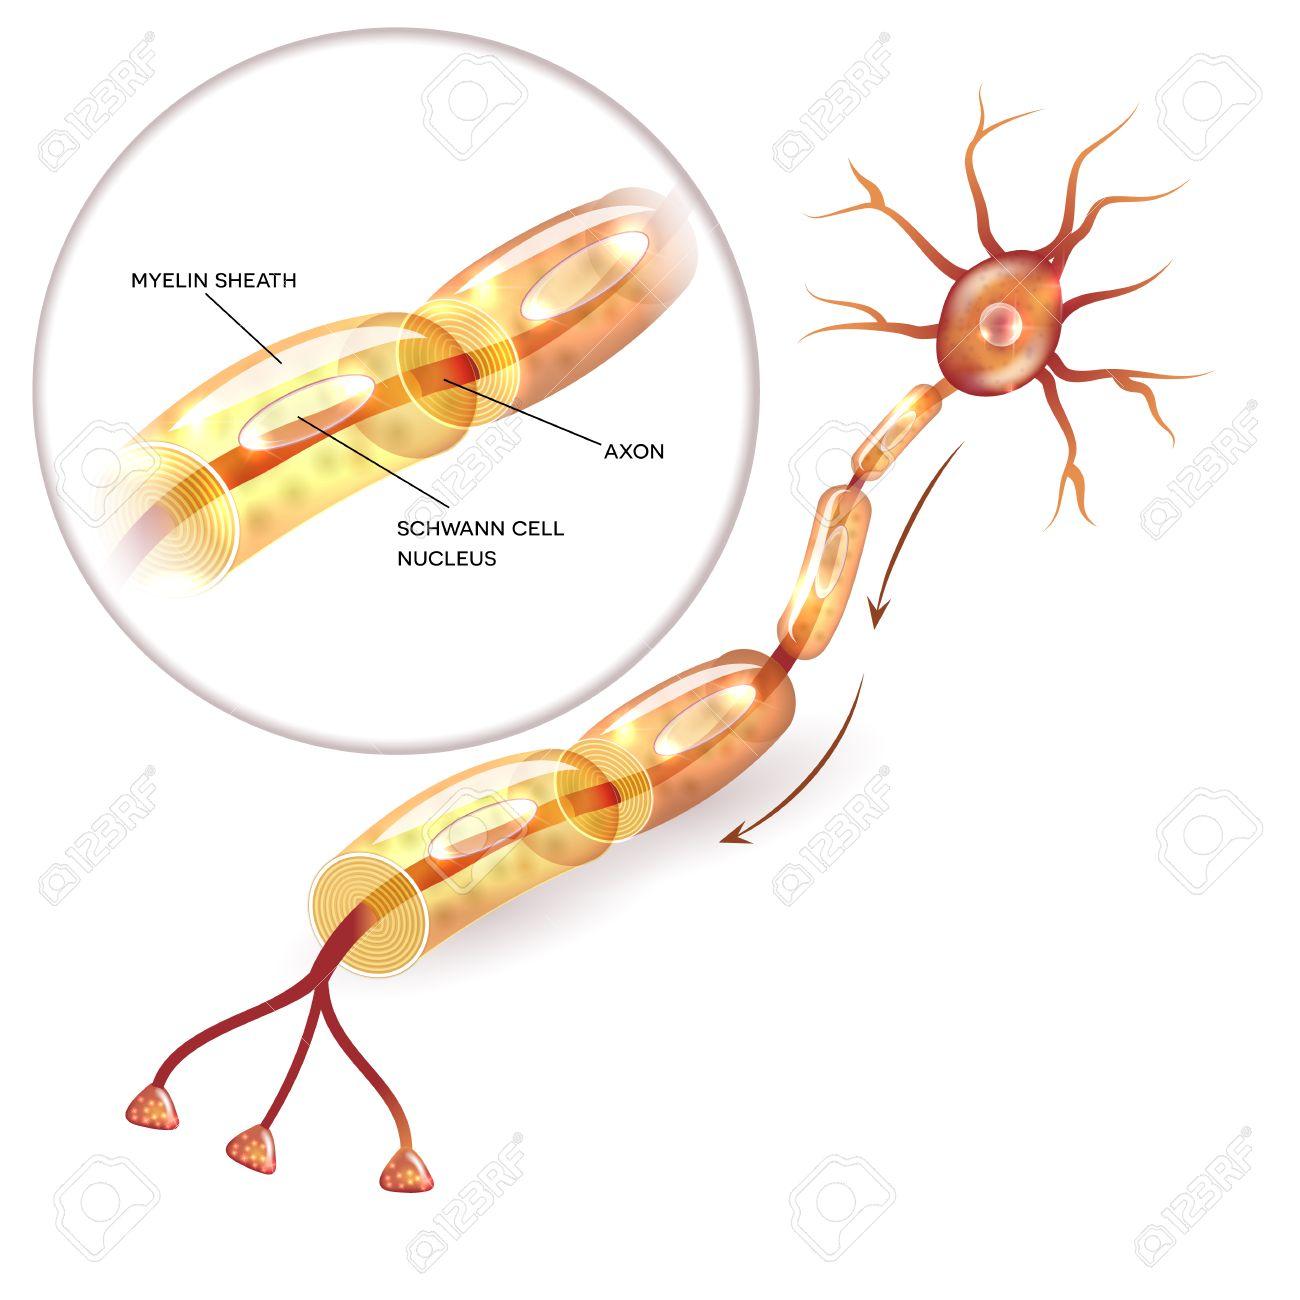 Neuron, Nervenzelle Axon Und Myelin Hülle Substanz, Die Das Axon ...